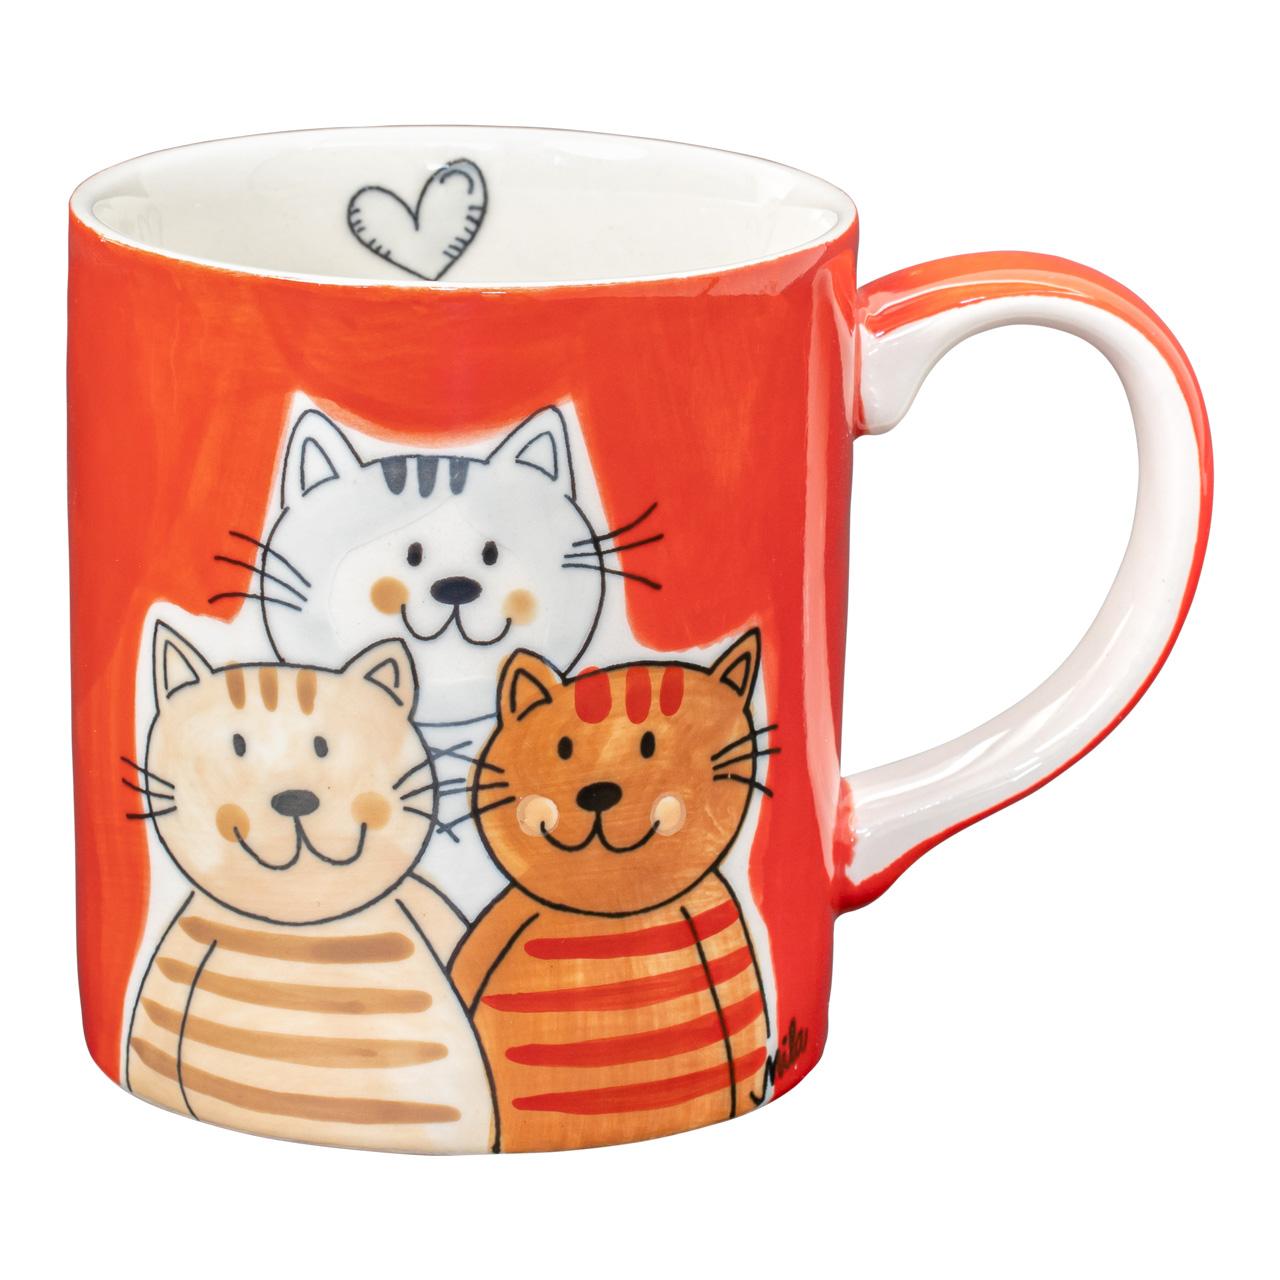 Becher - Cuddly Cats